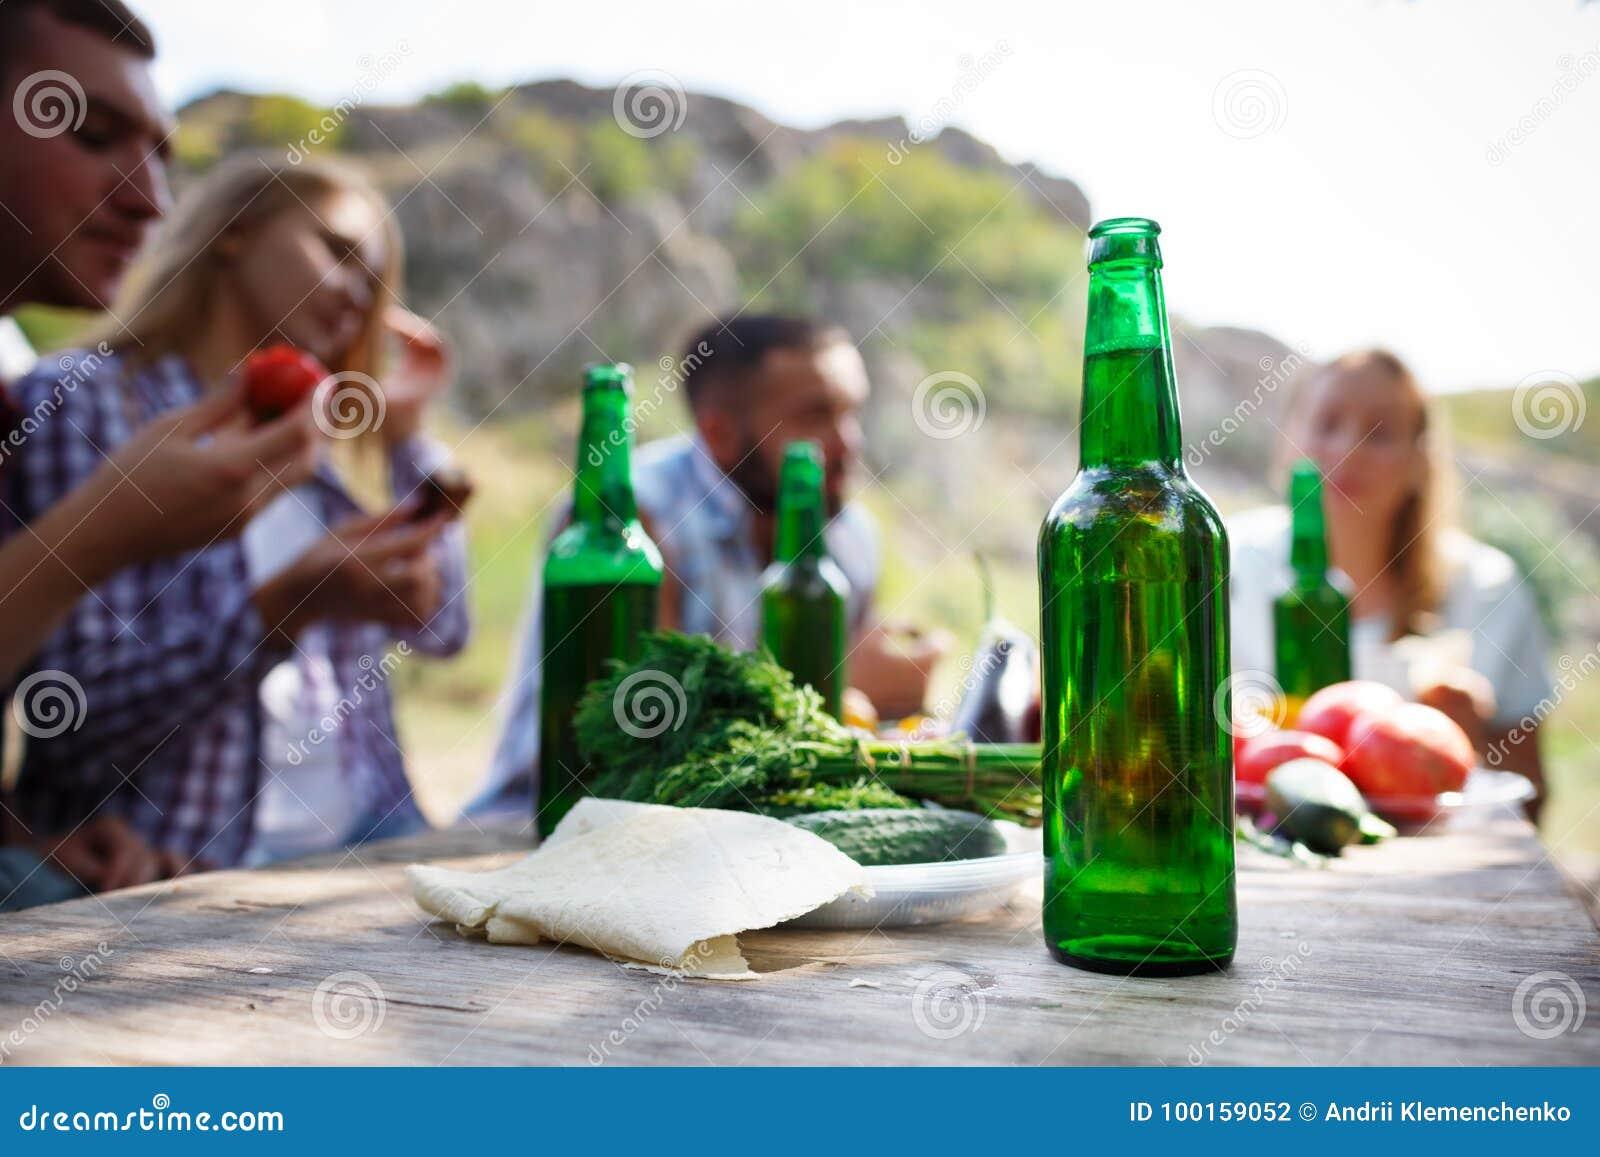 Groupe de personnes dinant le concept d unité Les meilleurs amis boivent de la bière savoureuse sur un pique-nique d été